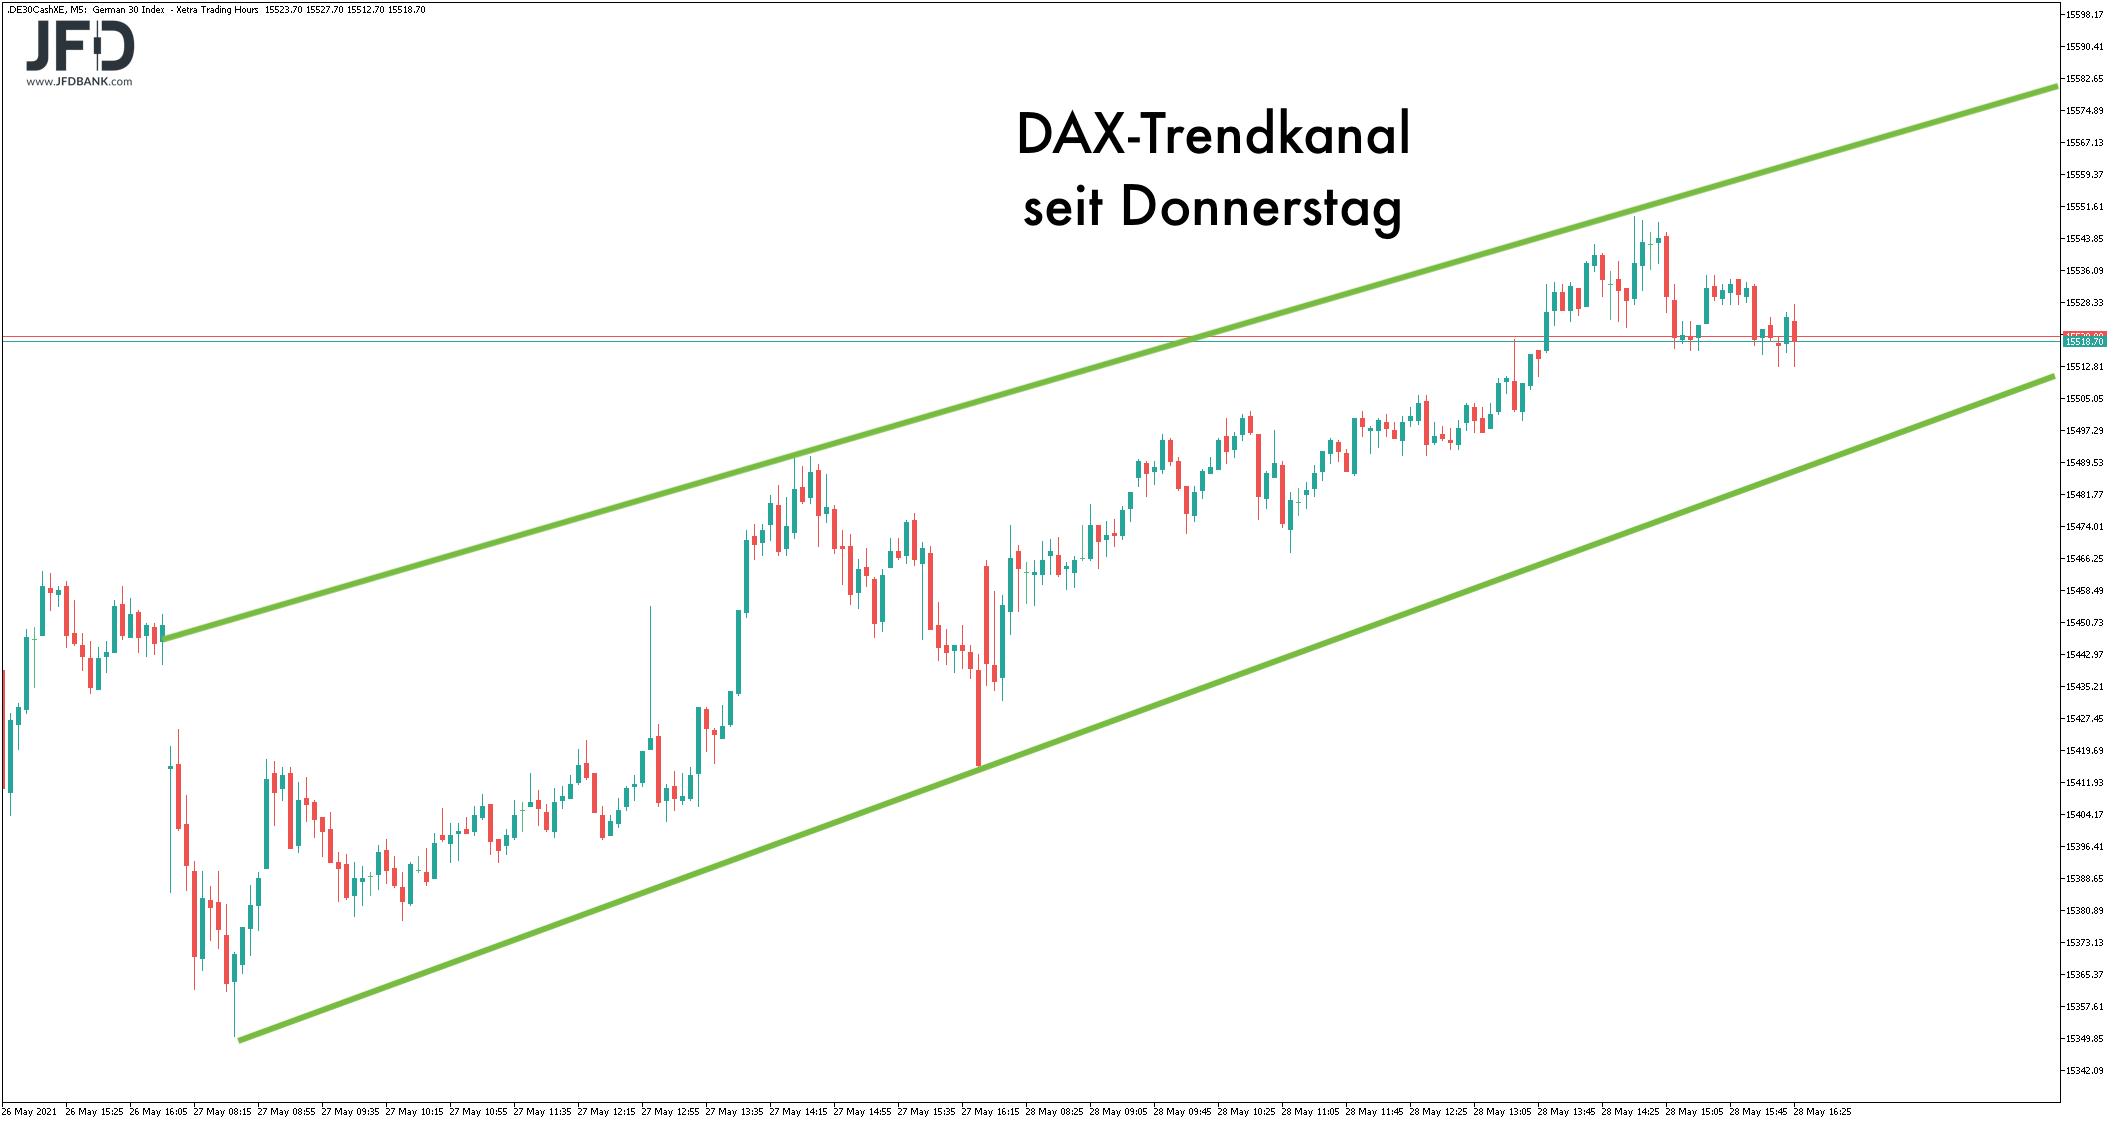 Trendkanal im DAX seit Donnerstag